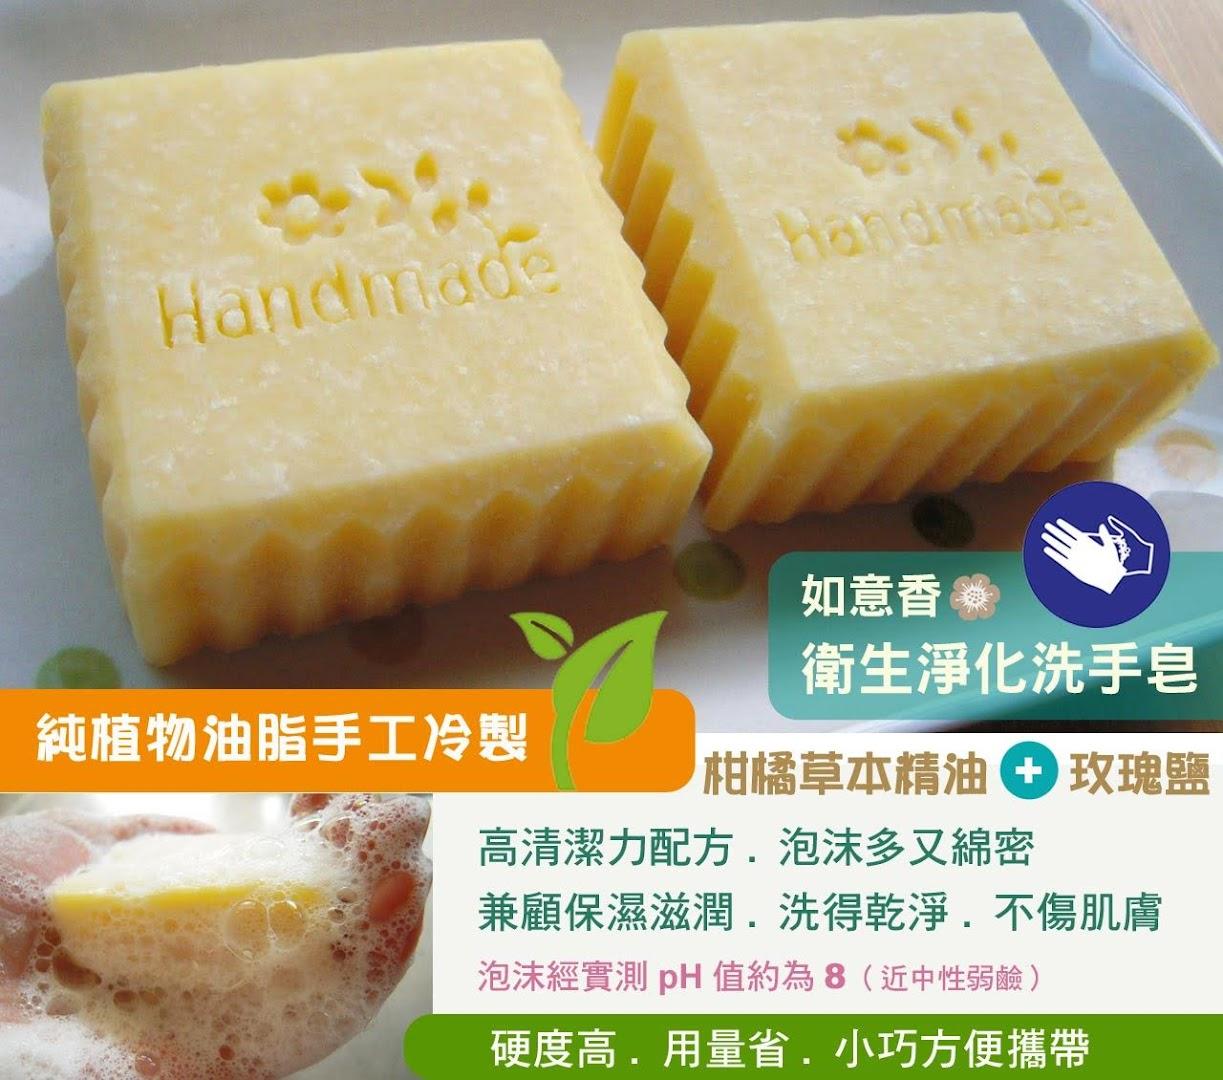 如意香-衛生淨化洗手皂 是由多款植物油脂以冷製法手工打皂製作,專為防疫衛生設計的獨特洗手皂配方,硬度高耐洗不會軟爛。  全植物性原料+玫瑰礦物鹽,泡沫經實測pH值約為8(近中性弱鹼),洗得乾淨又不傷肌膚!